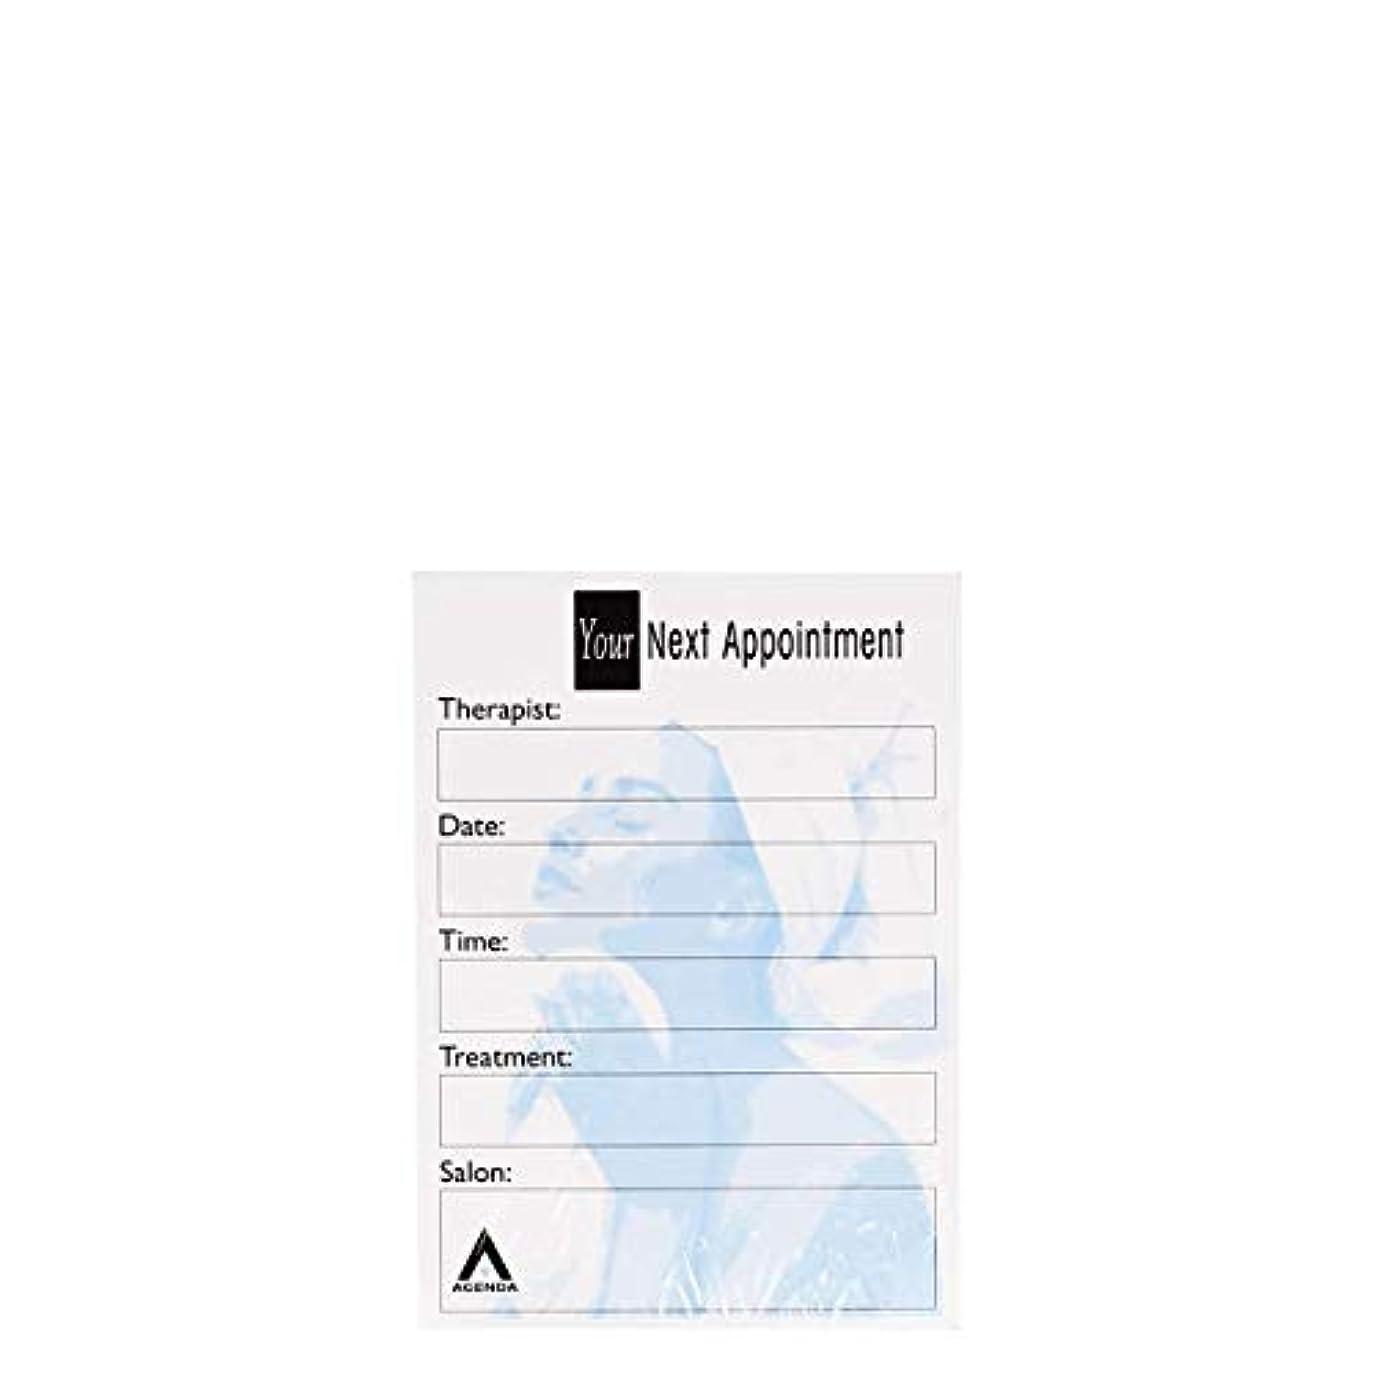 緊急余剰ビームアジェンダ サロンコンセプト ネイルアポイントメントカードAP7B x100[海外直送品] [並行輸入品]